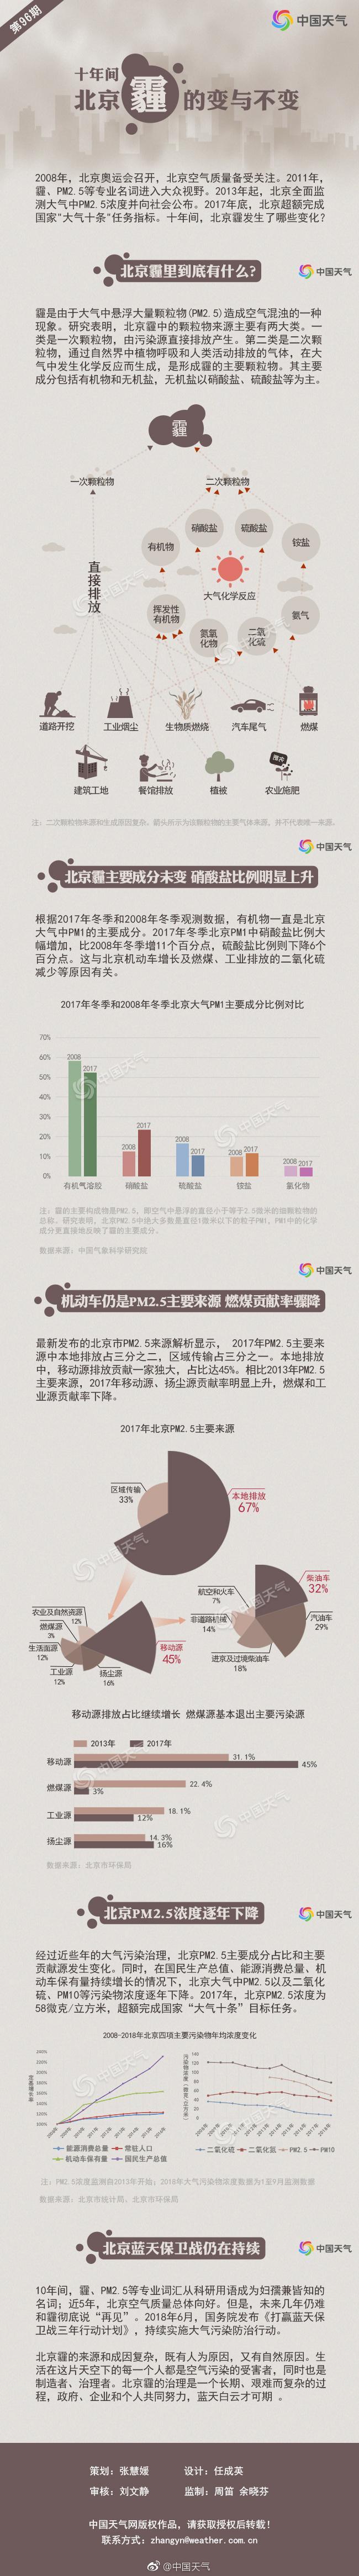 十年间北京霾的变与不变:北京霾里到底有什么?